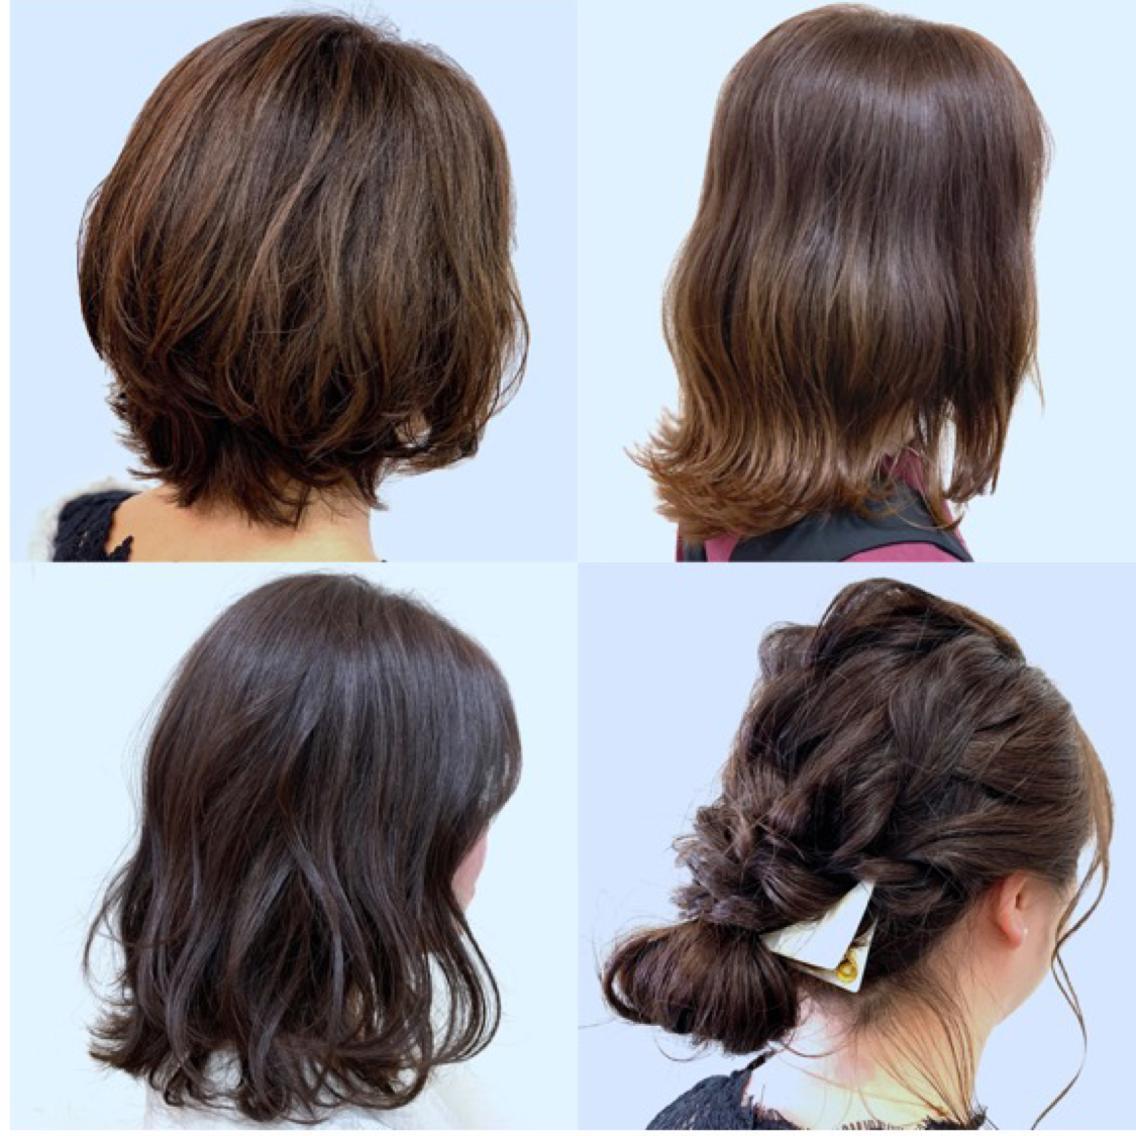 【当日予約OK!】🔥空きあります🔥⭐️6月限定クーポン⭐️この時期必須☔縮毛矯正クーポン⭐トップスタイリストならではの提案、ヘアケア教えます⭐髪の毛のお悩みがある方ぜひ1度ご来店ください😊😊